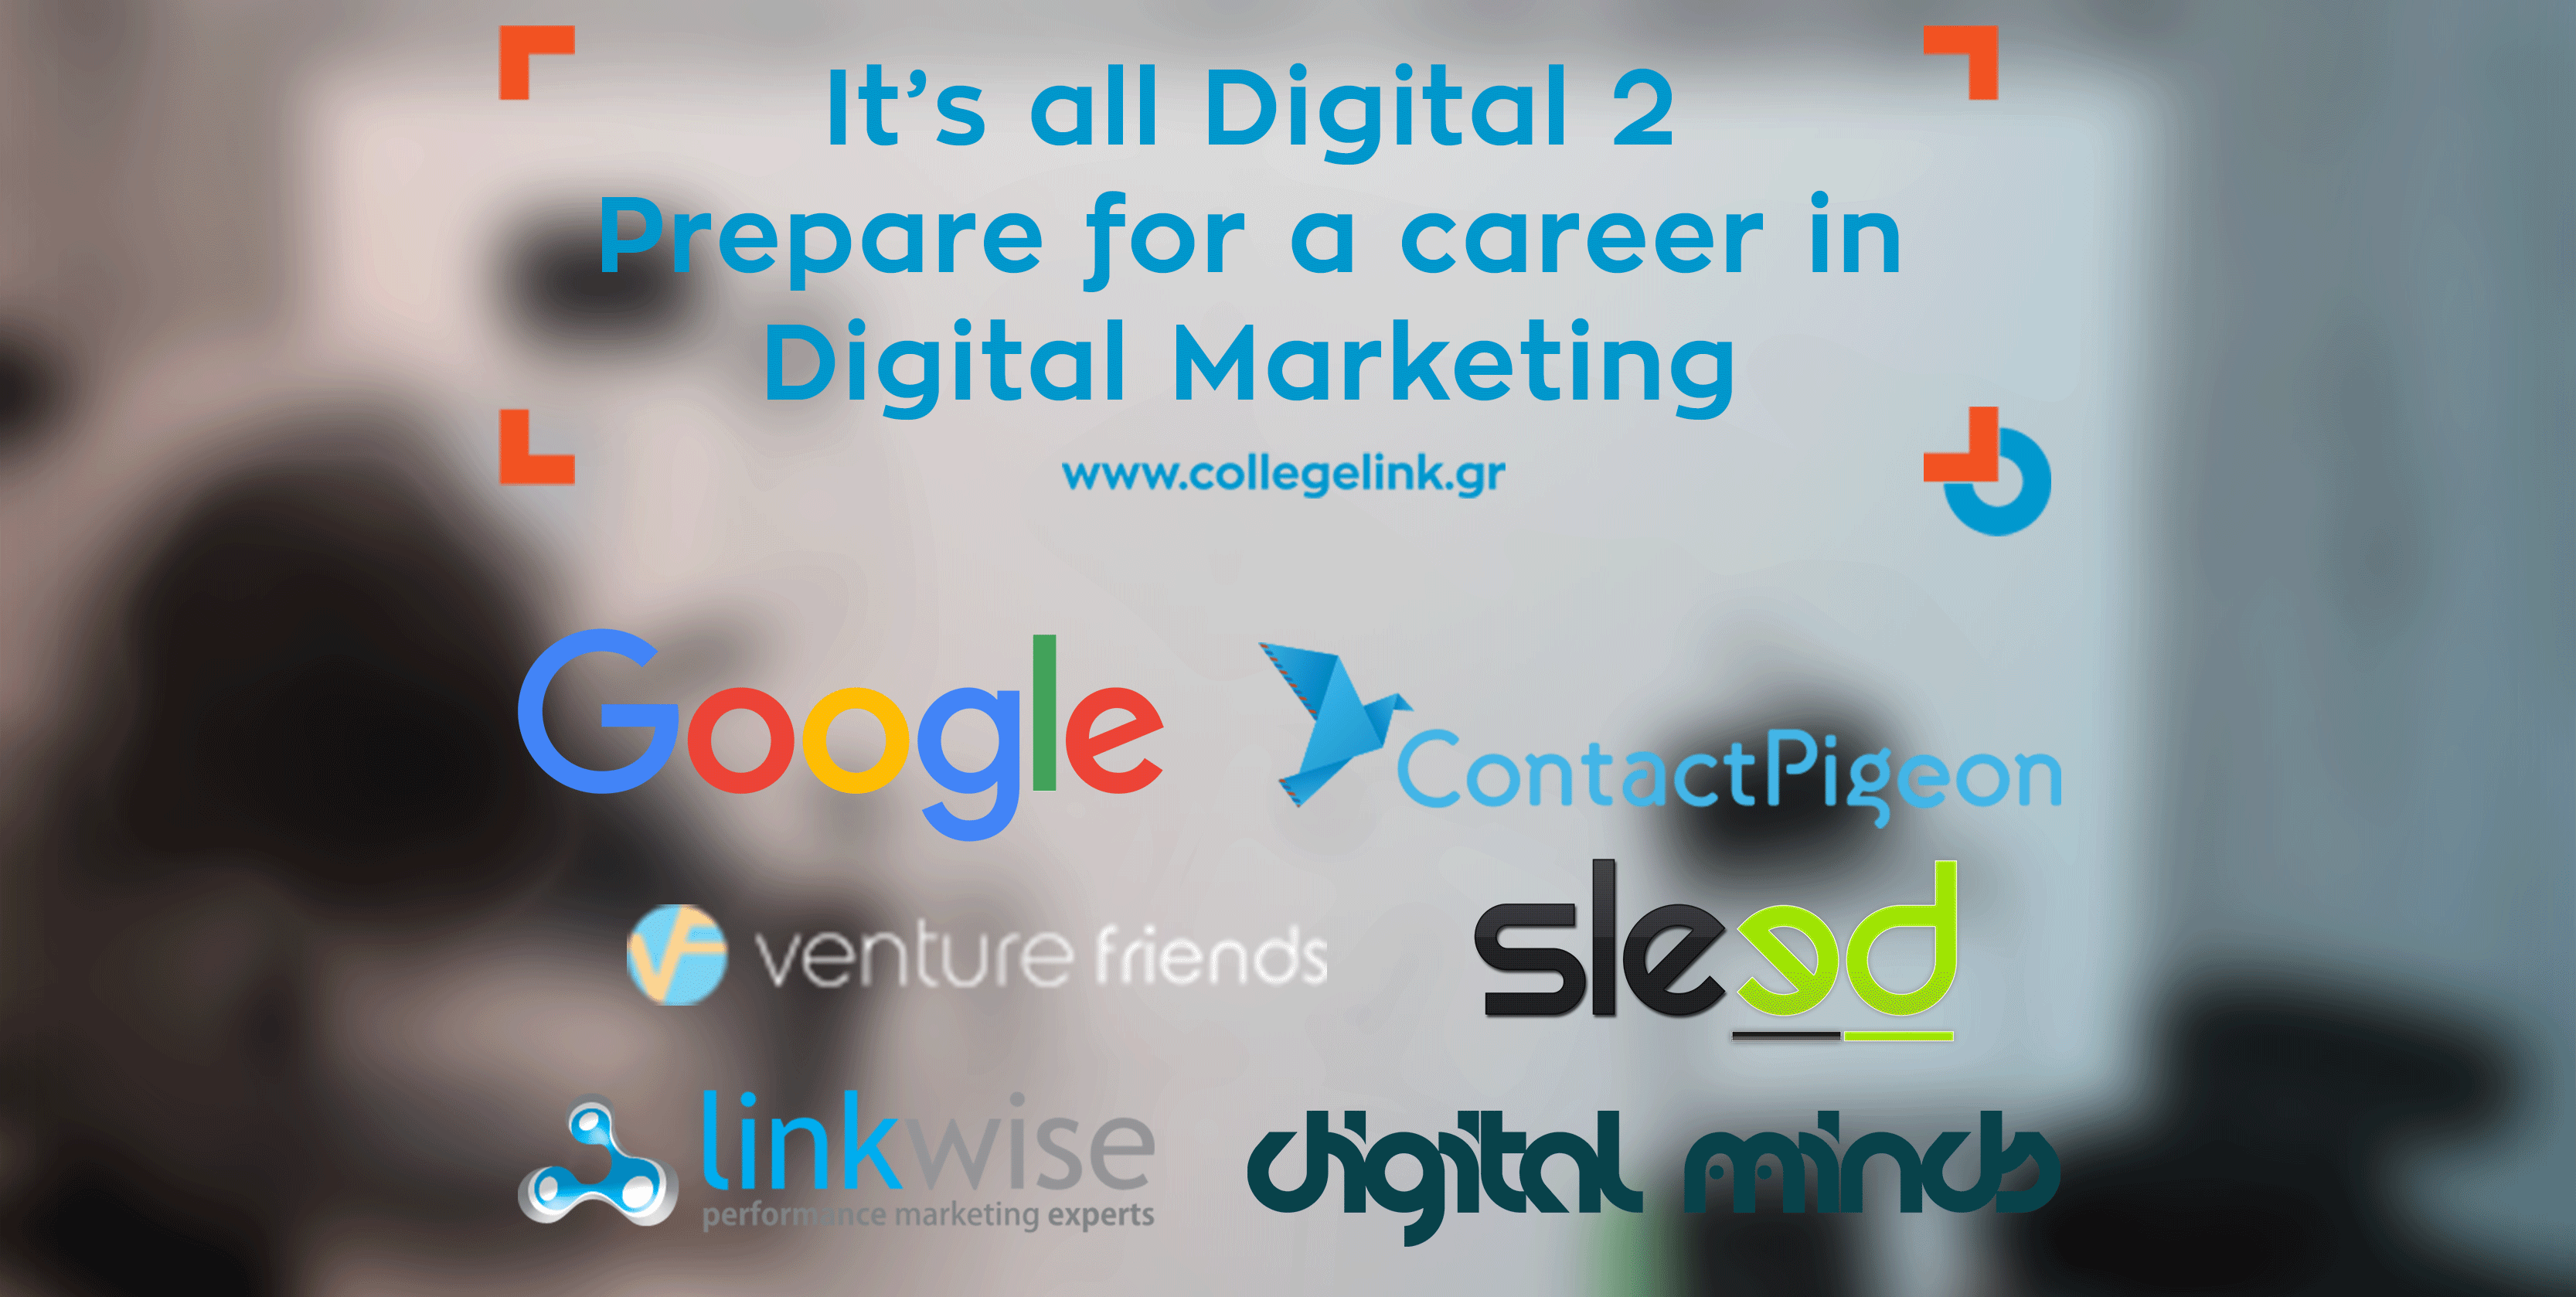 It's all Digital 2.0